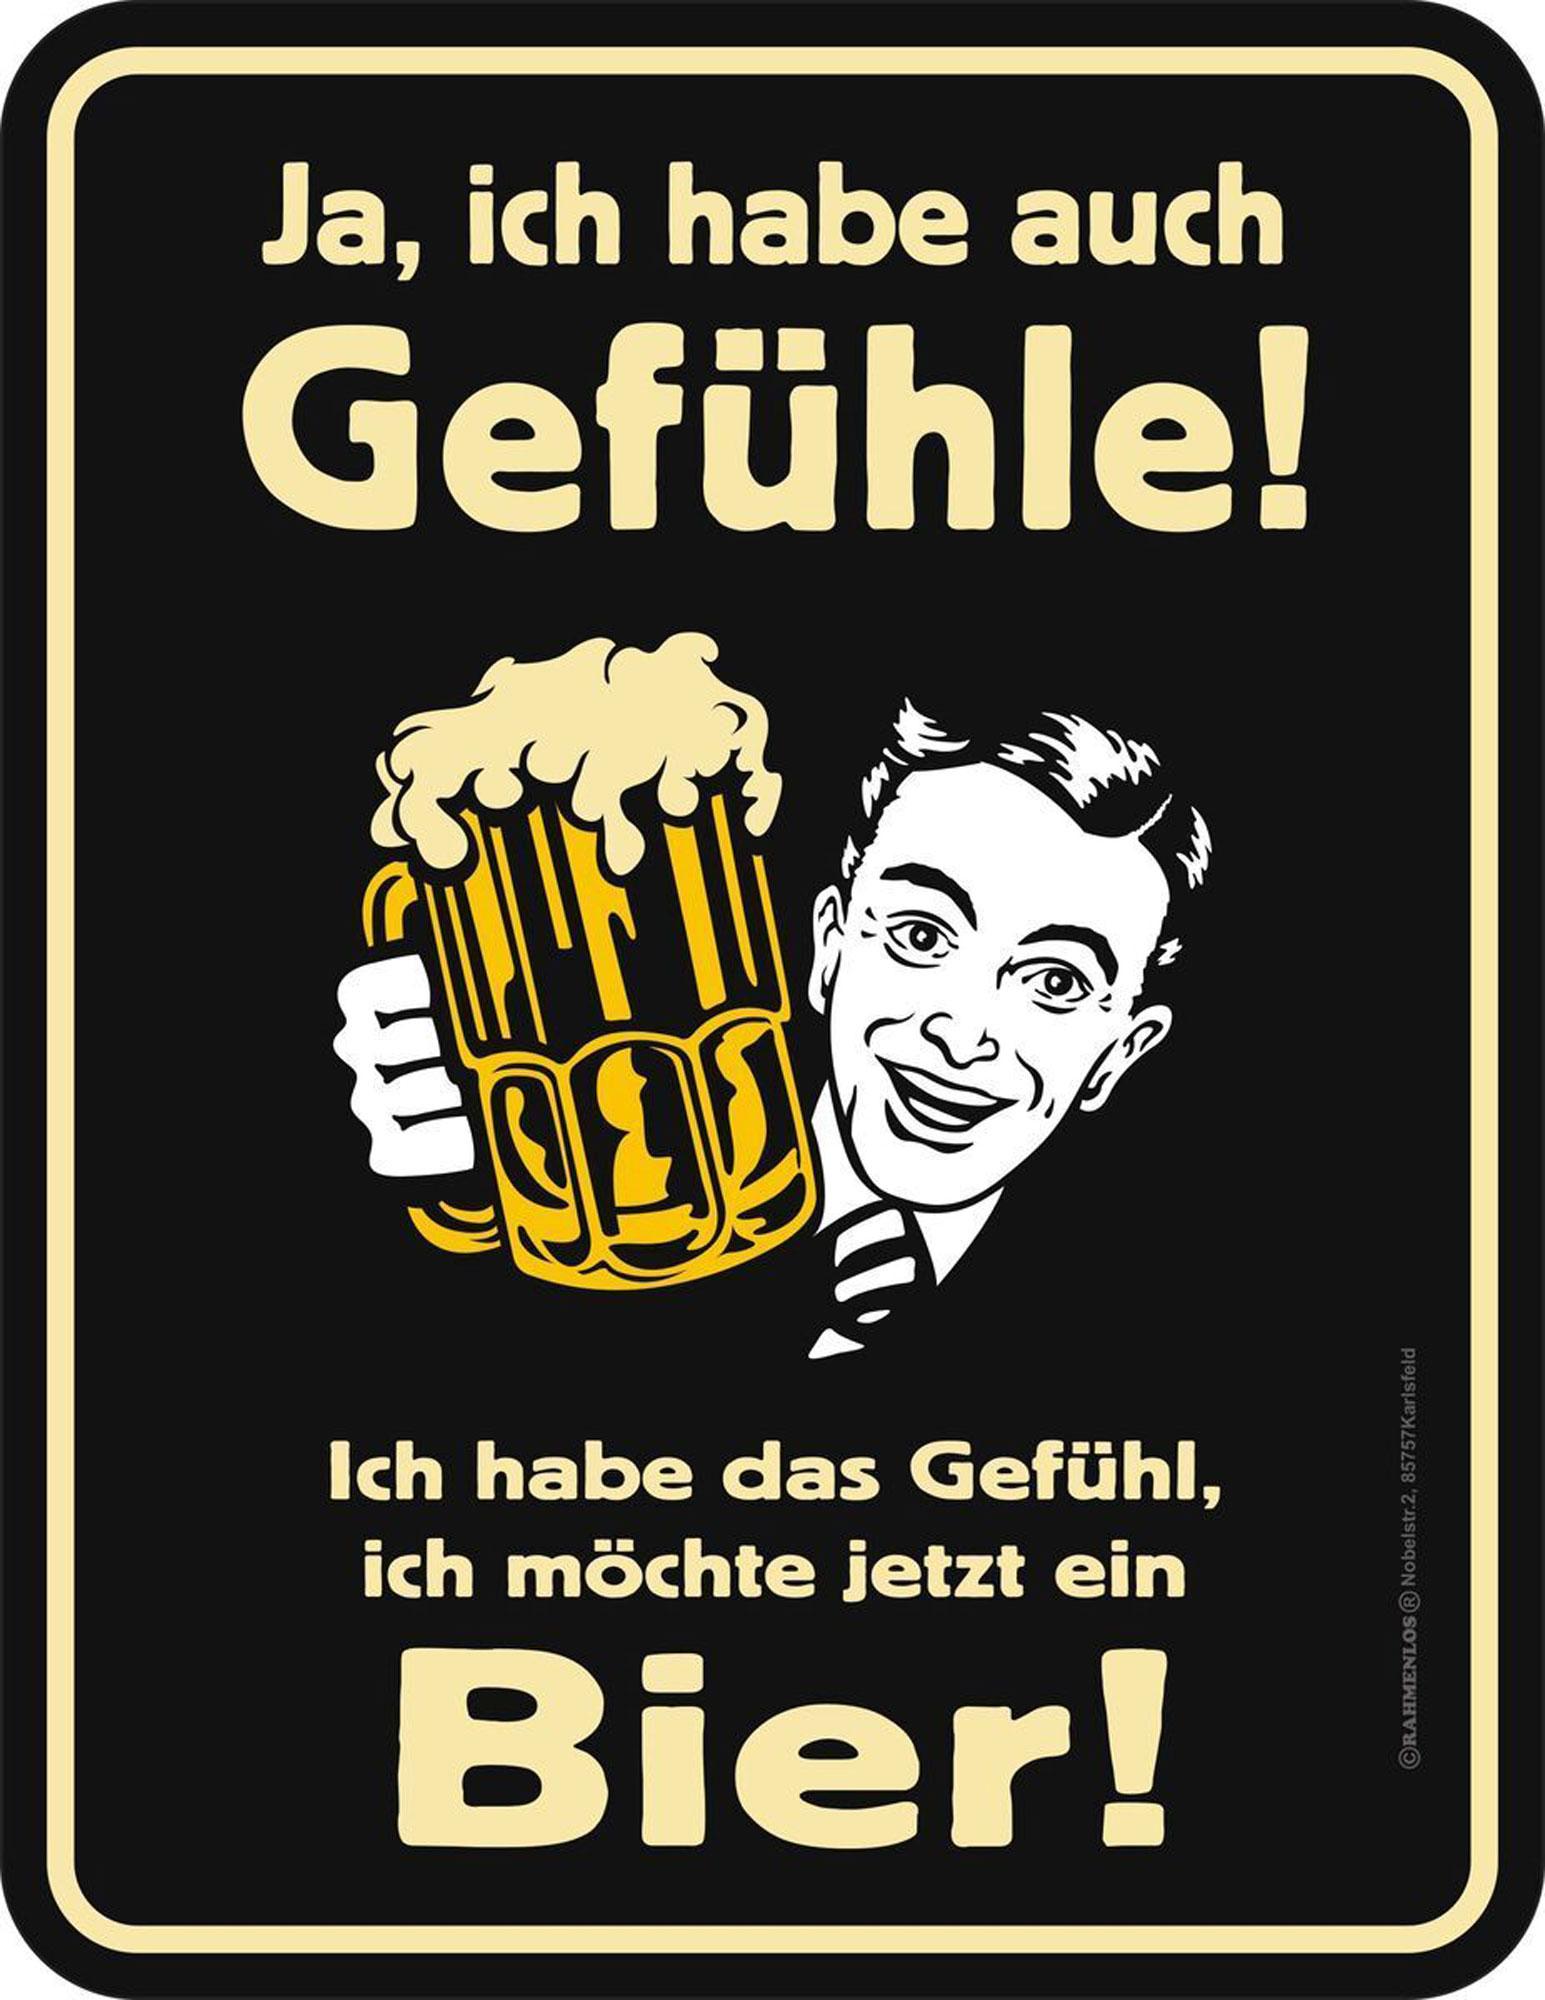 Beer - Ich habe auch Gefühle - Magnete - 7x9